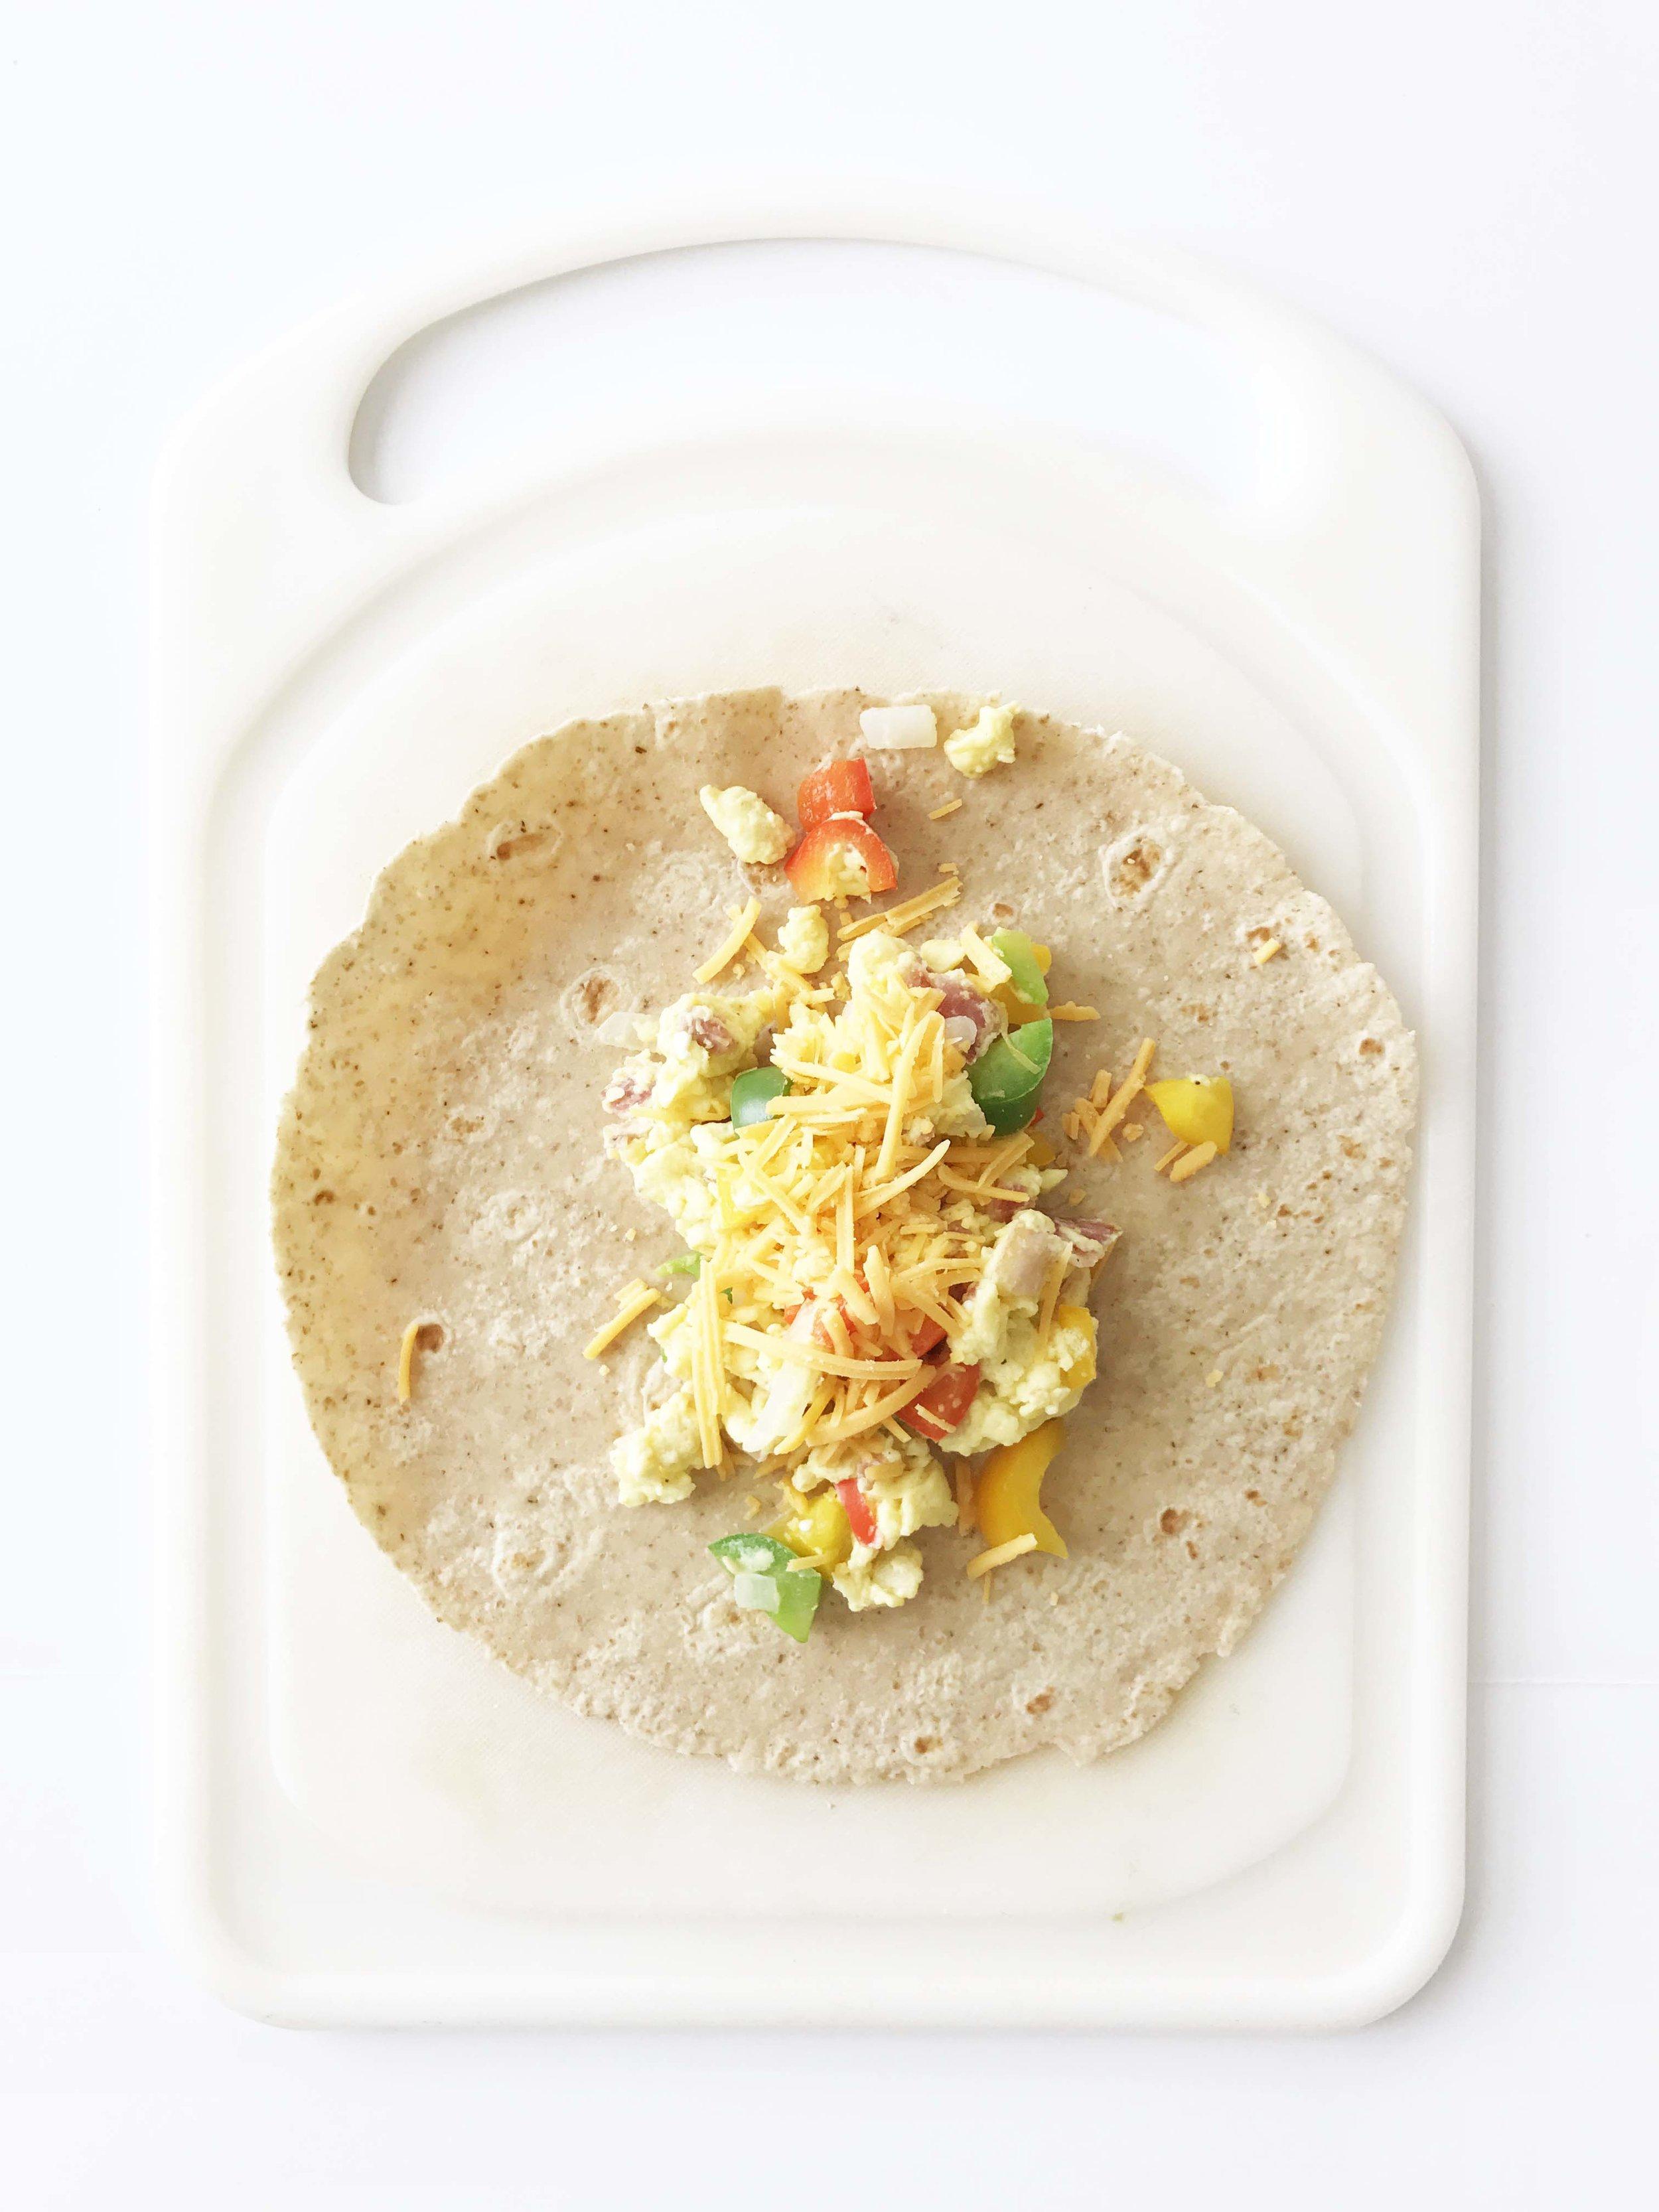 freezer-breakfast-burrito6.jpg